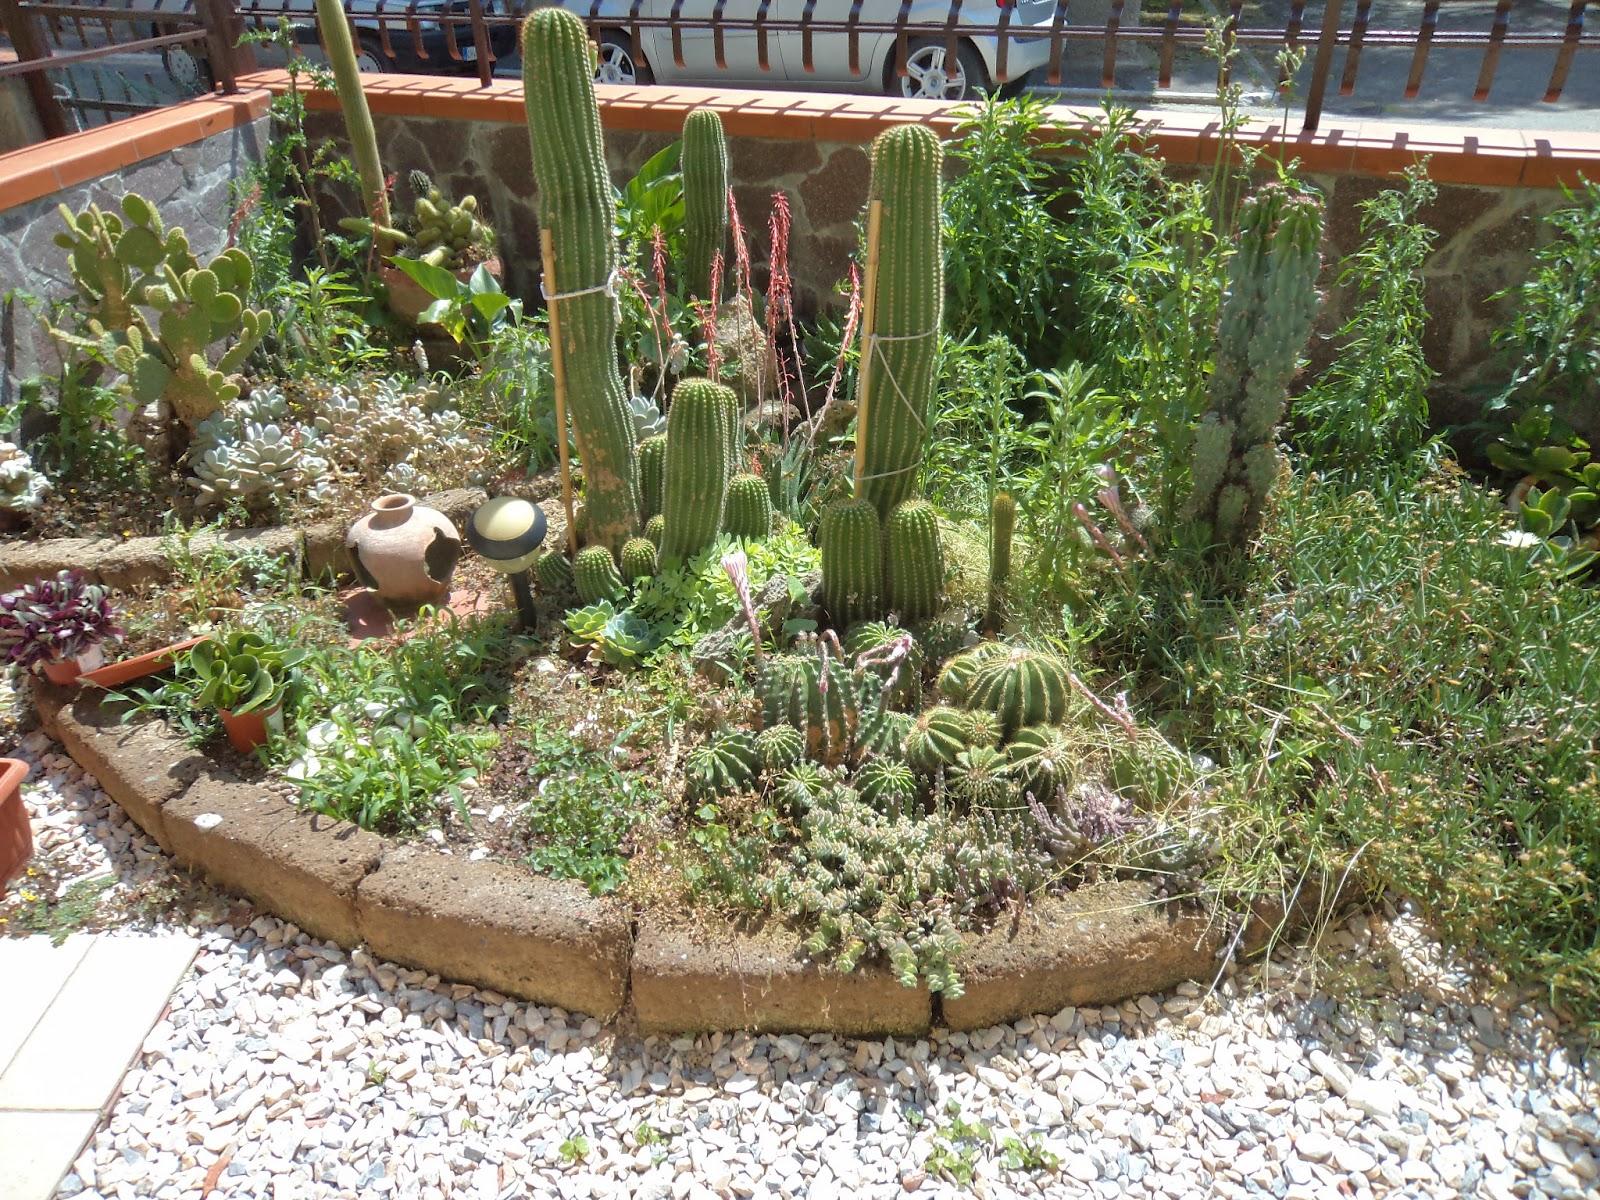 I giardini di carlo e letizia giardino di piante grasse - Immagini giardini rocciosi ...